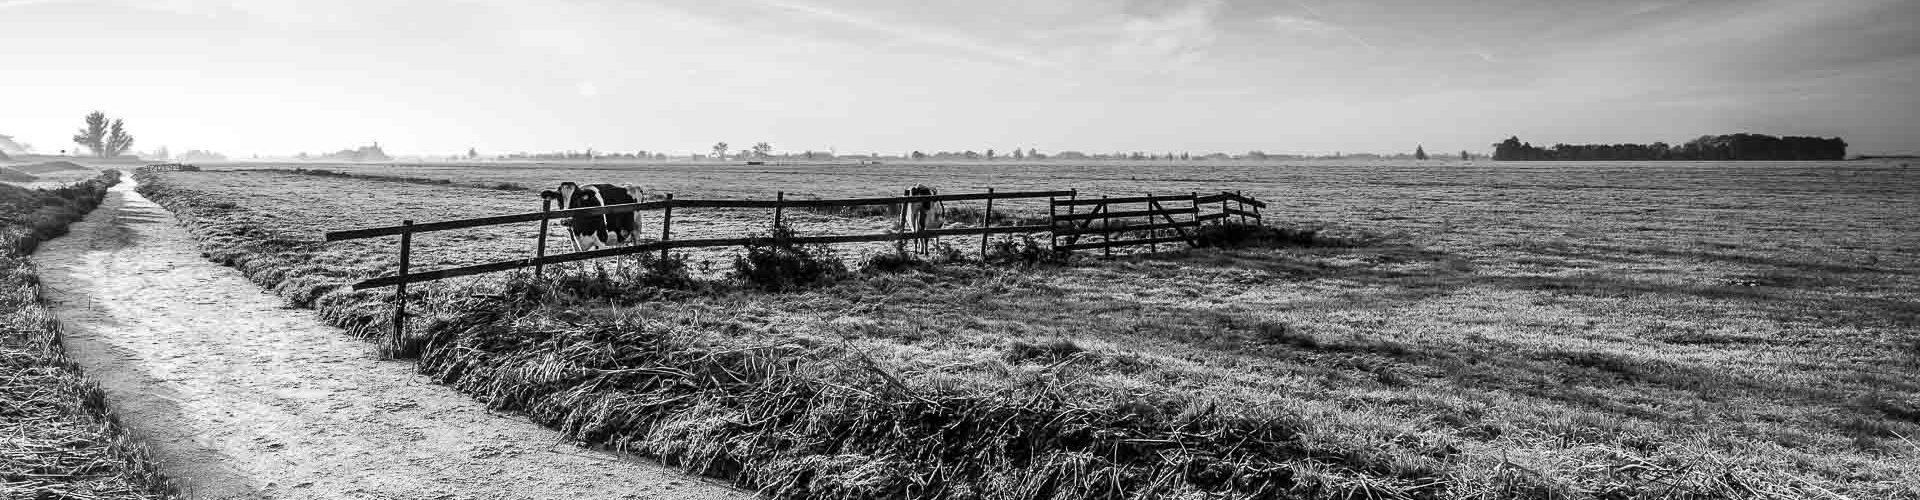 Polder Hollandse winter